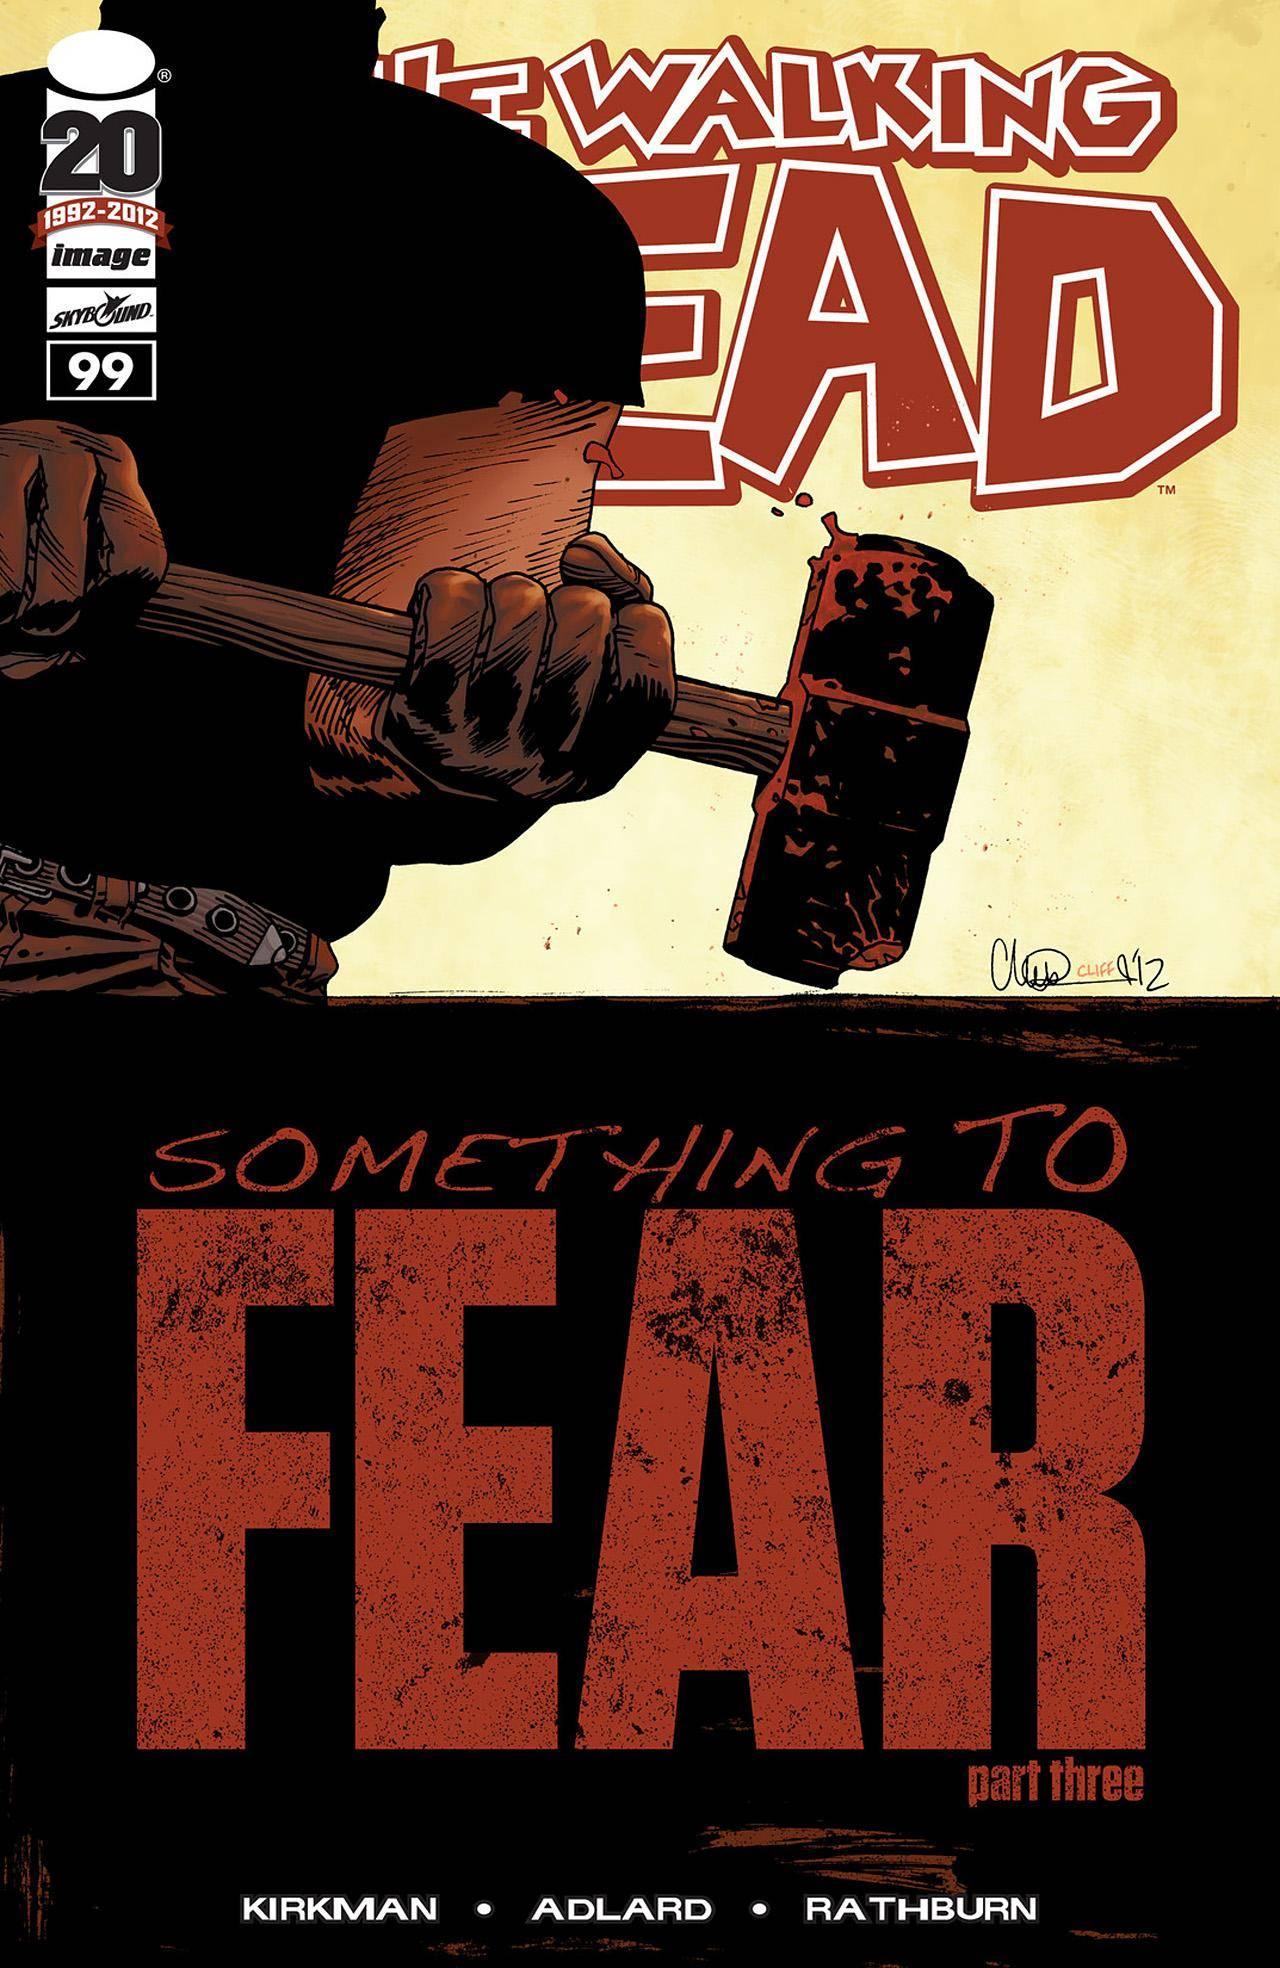 Walking Dead 099 2012 Digital